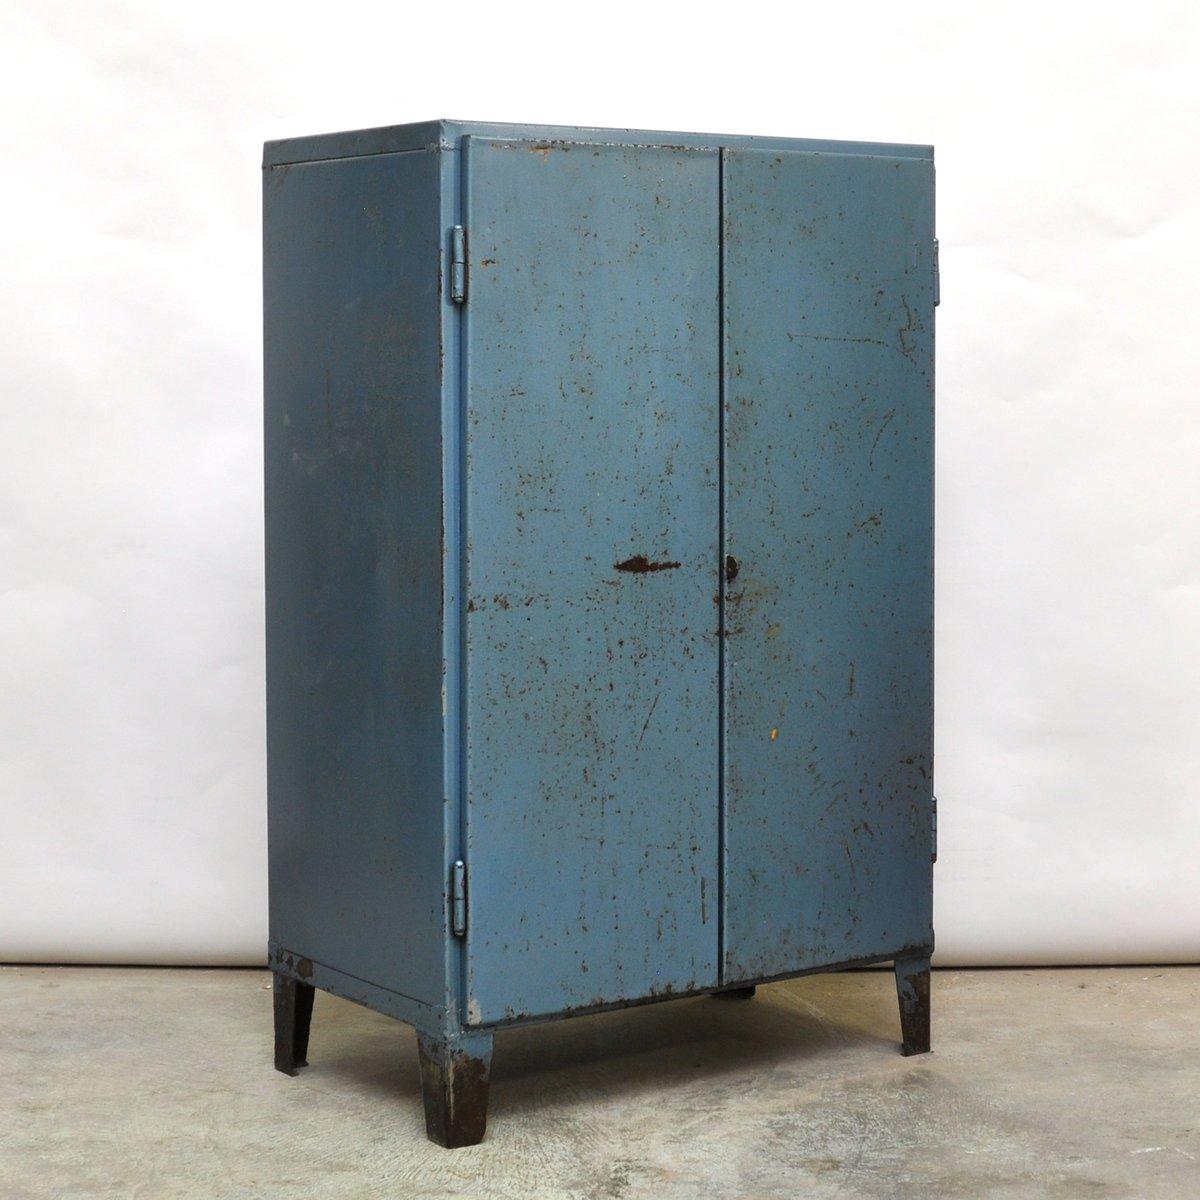 Meuble Industriel Bleu Vintage 1960s En Vente Sur Pamono # Meuble Industriel